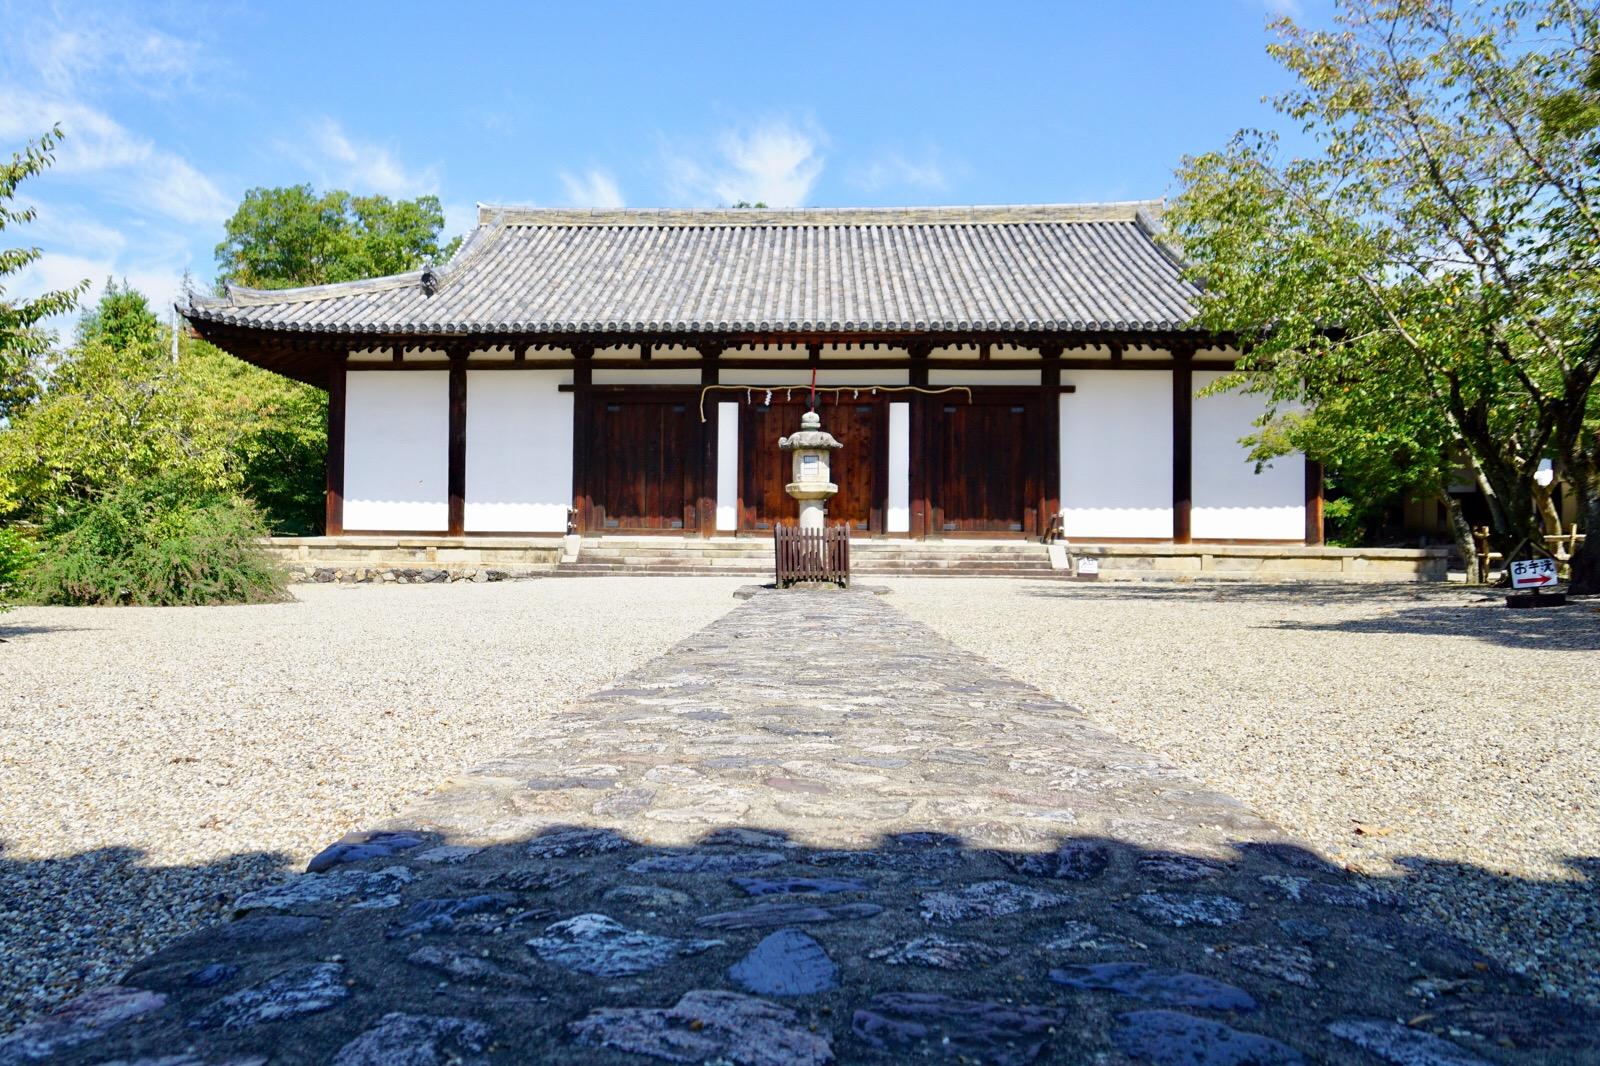 近くには新薬師寺があります。